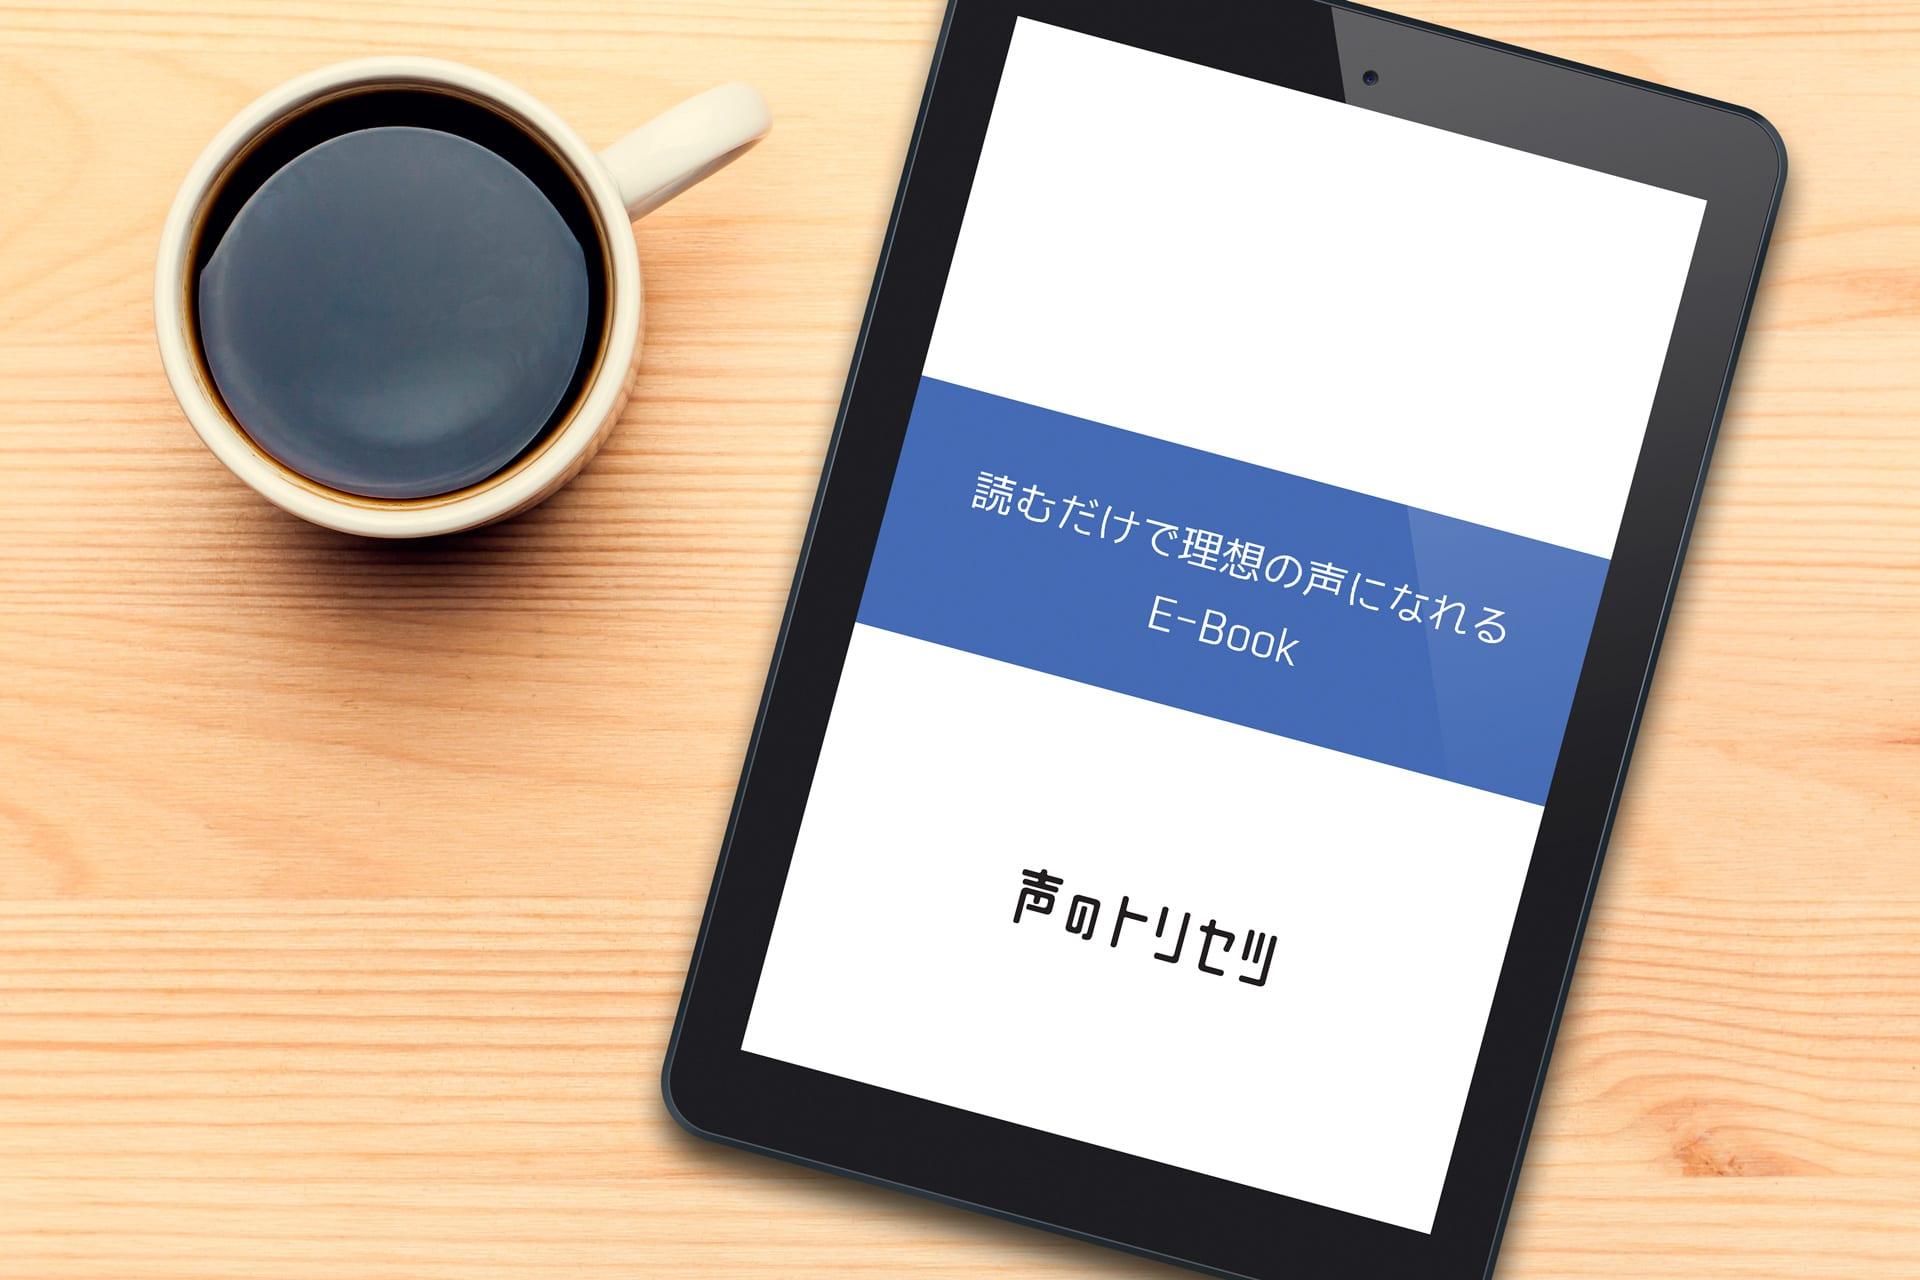 『読むだけで理想の声になれるE-Book』無料プレゼント